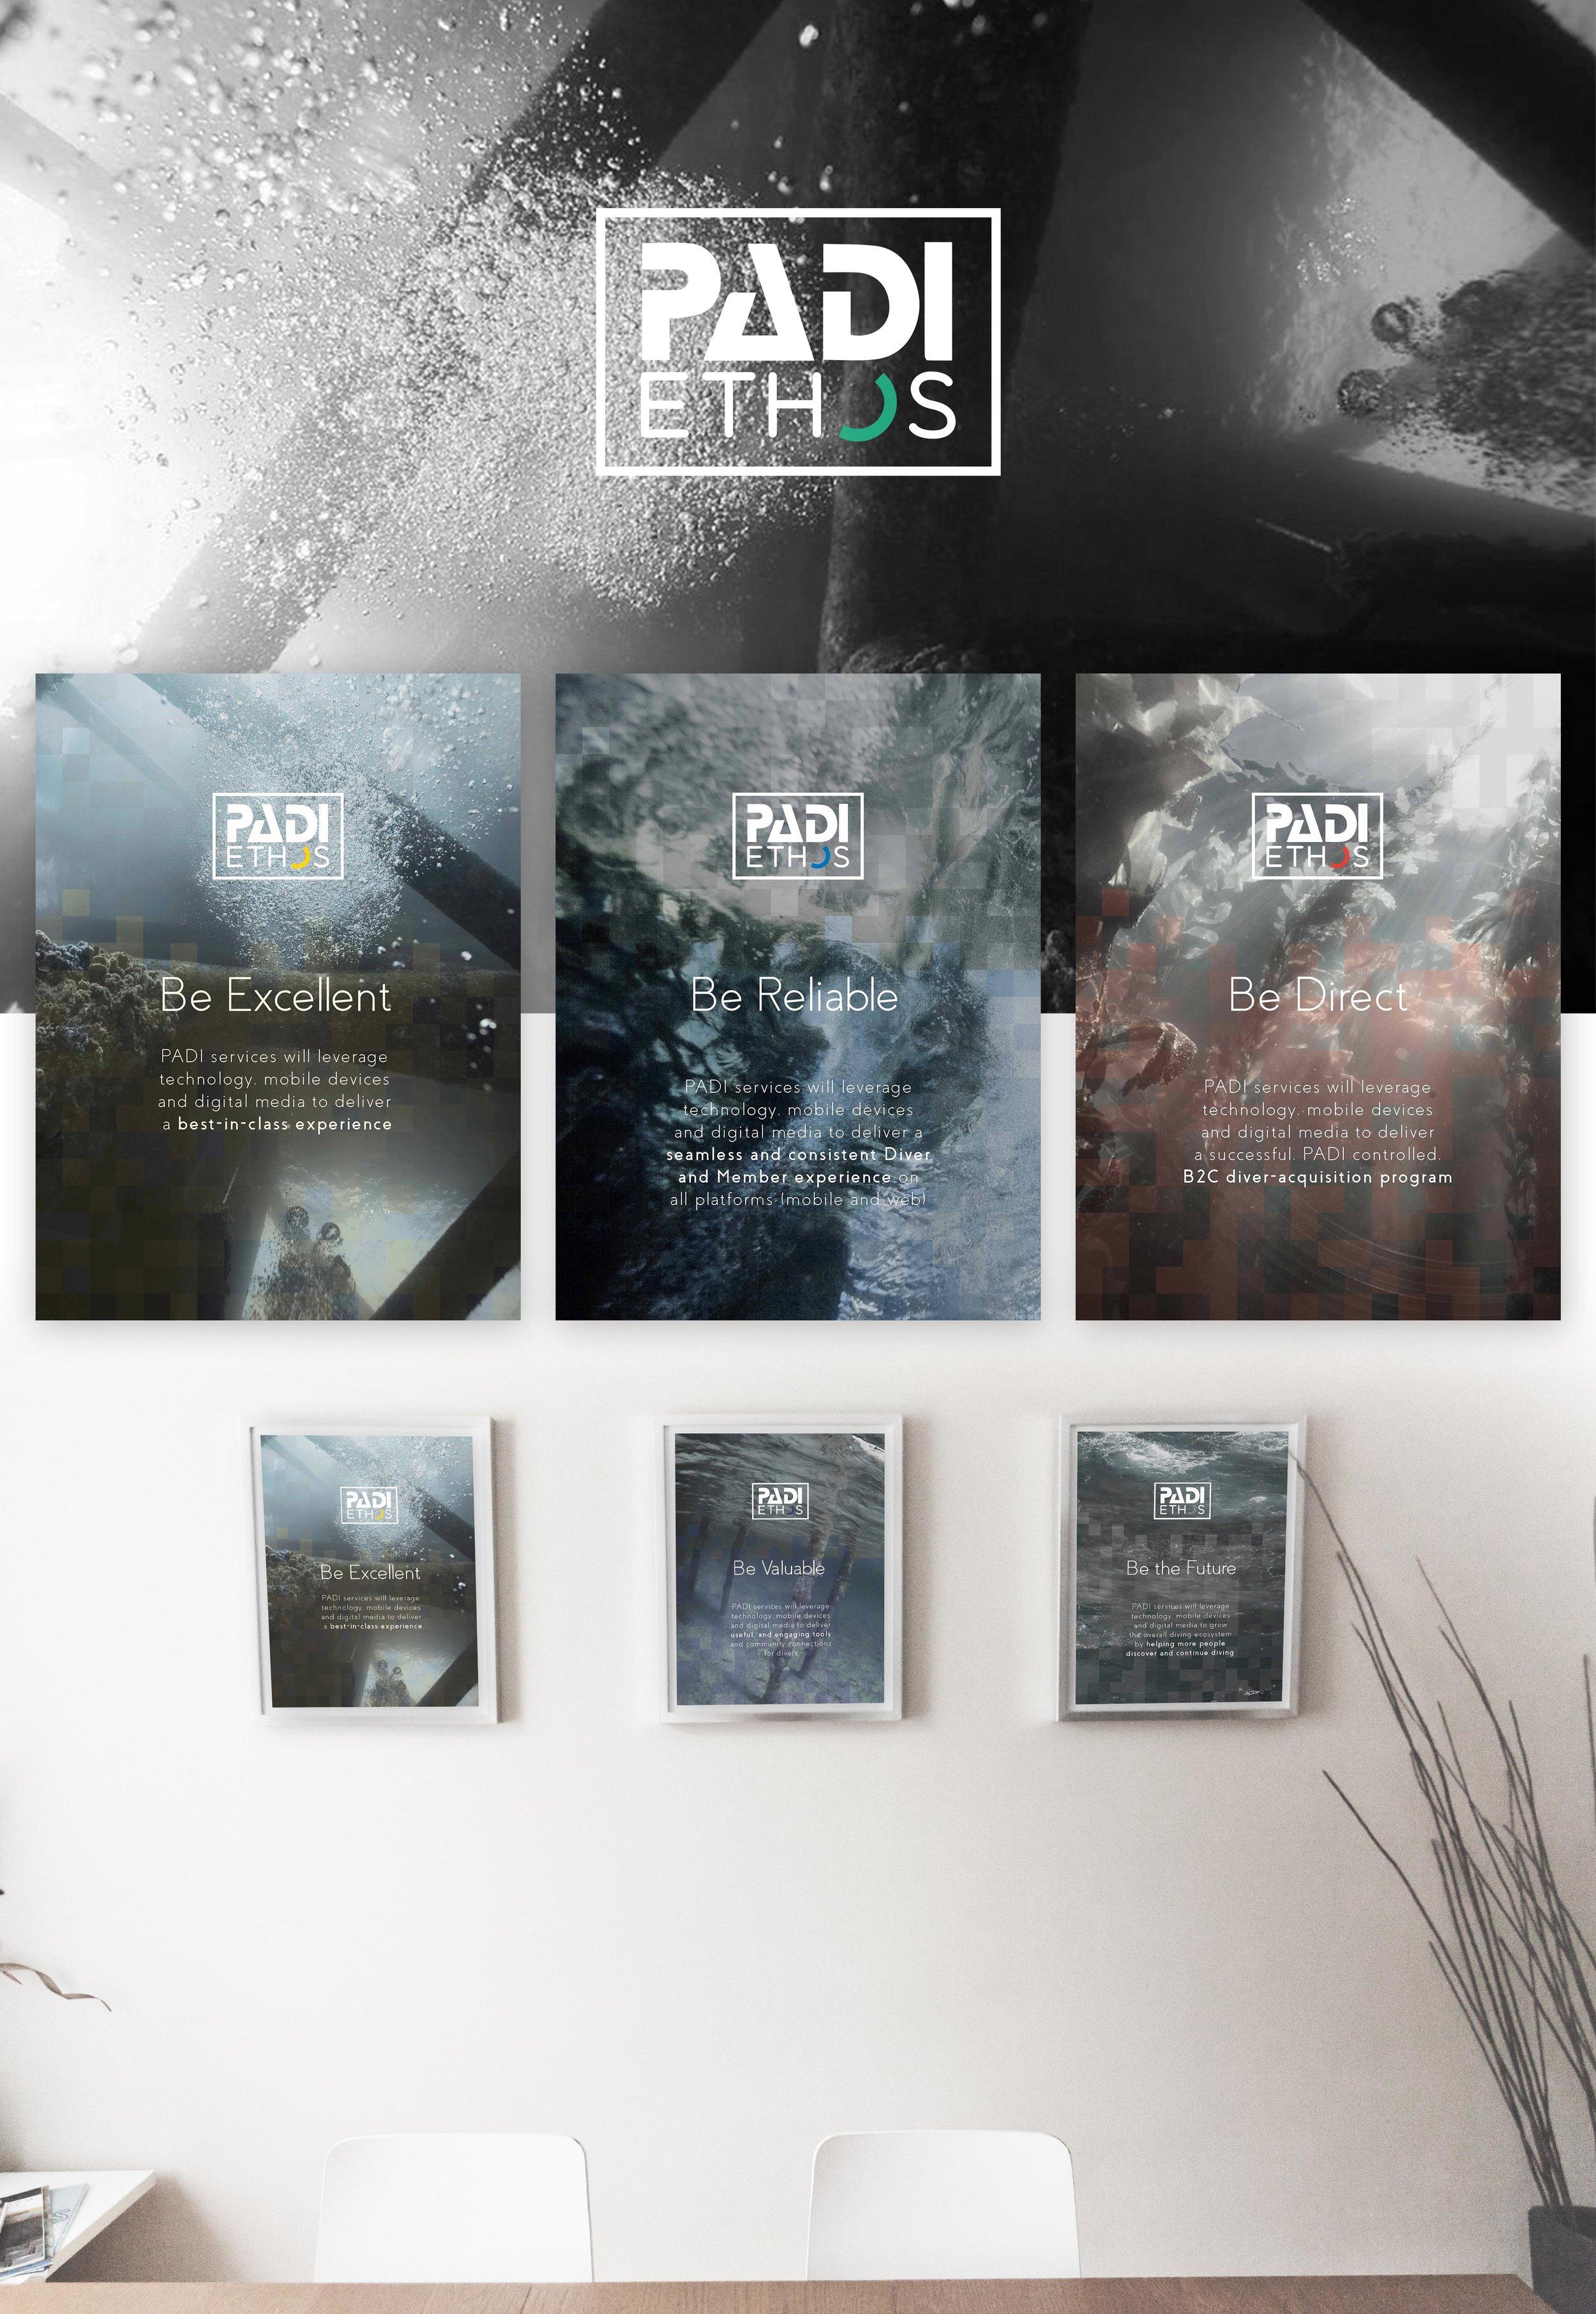 Ethos_hero_lores.jpg